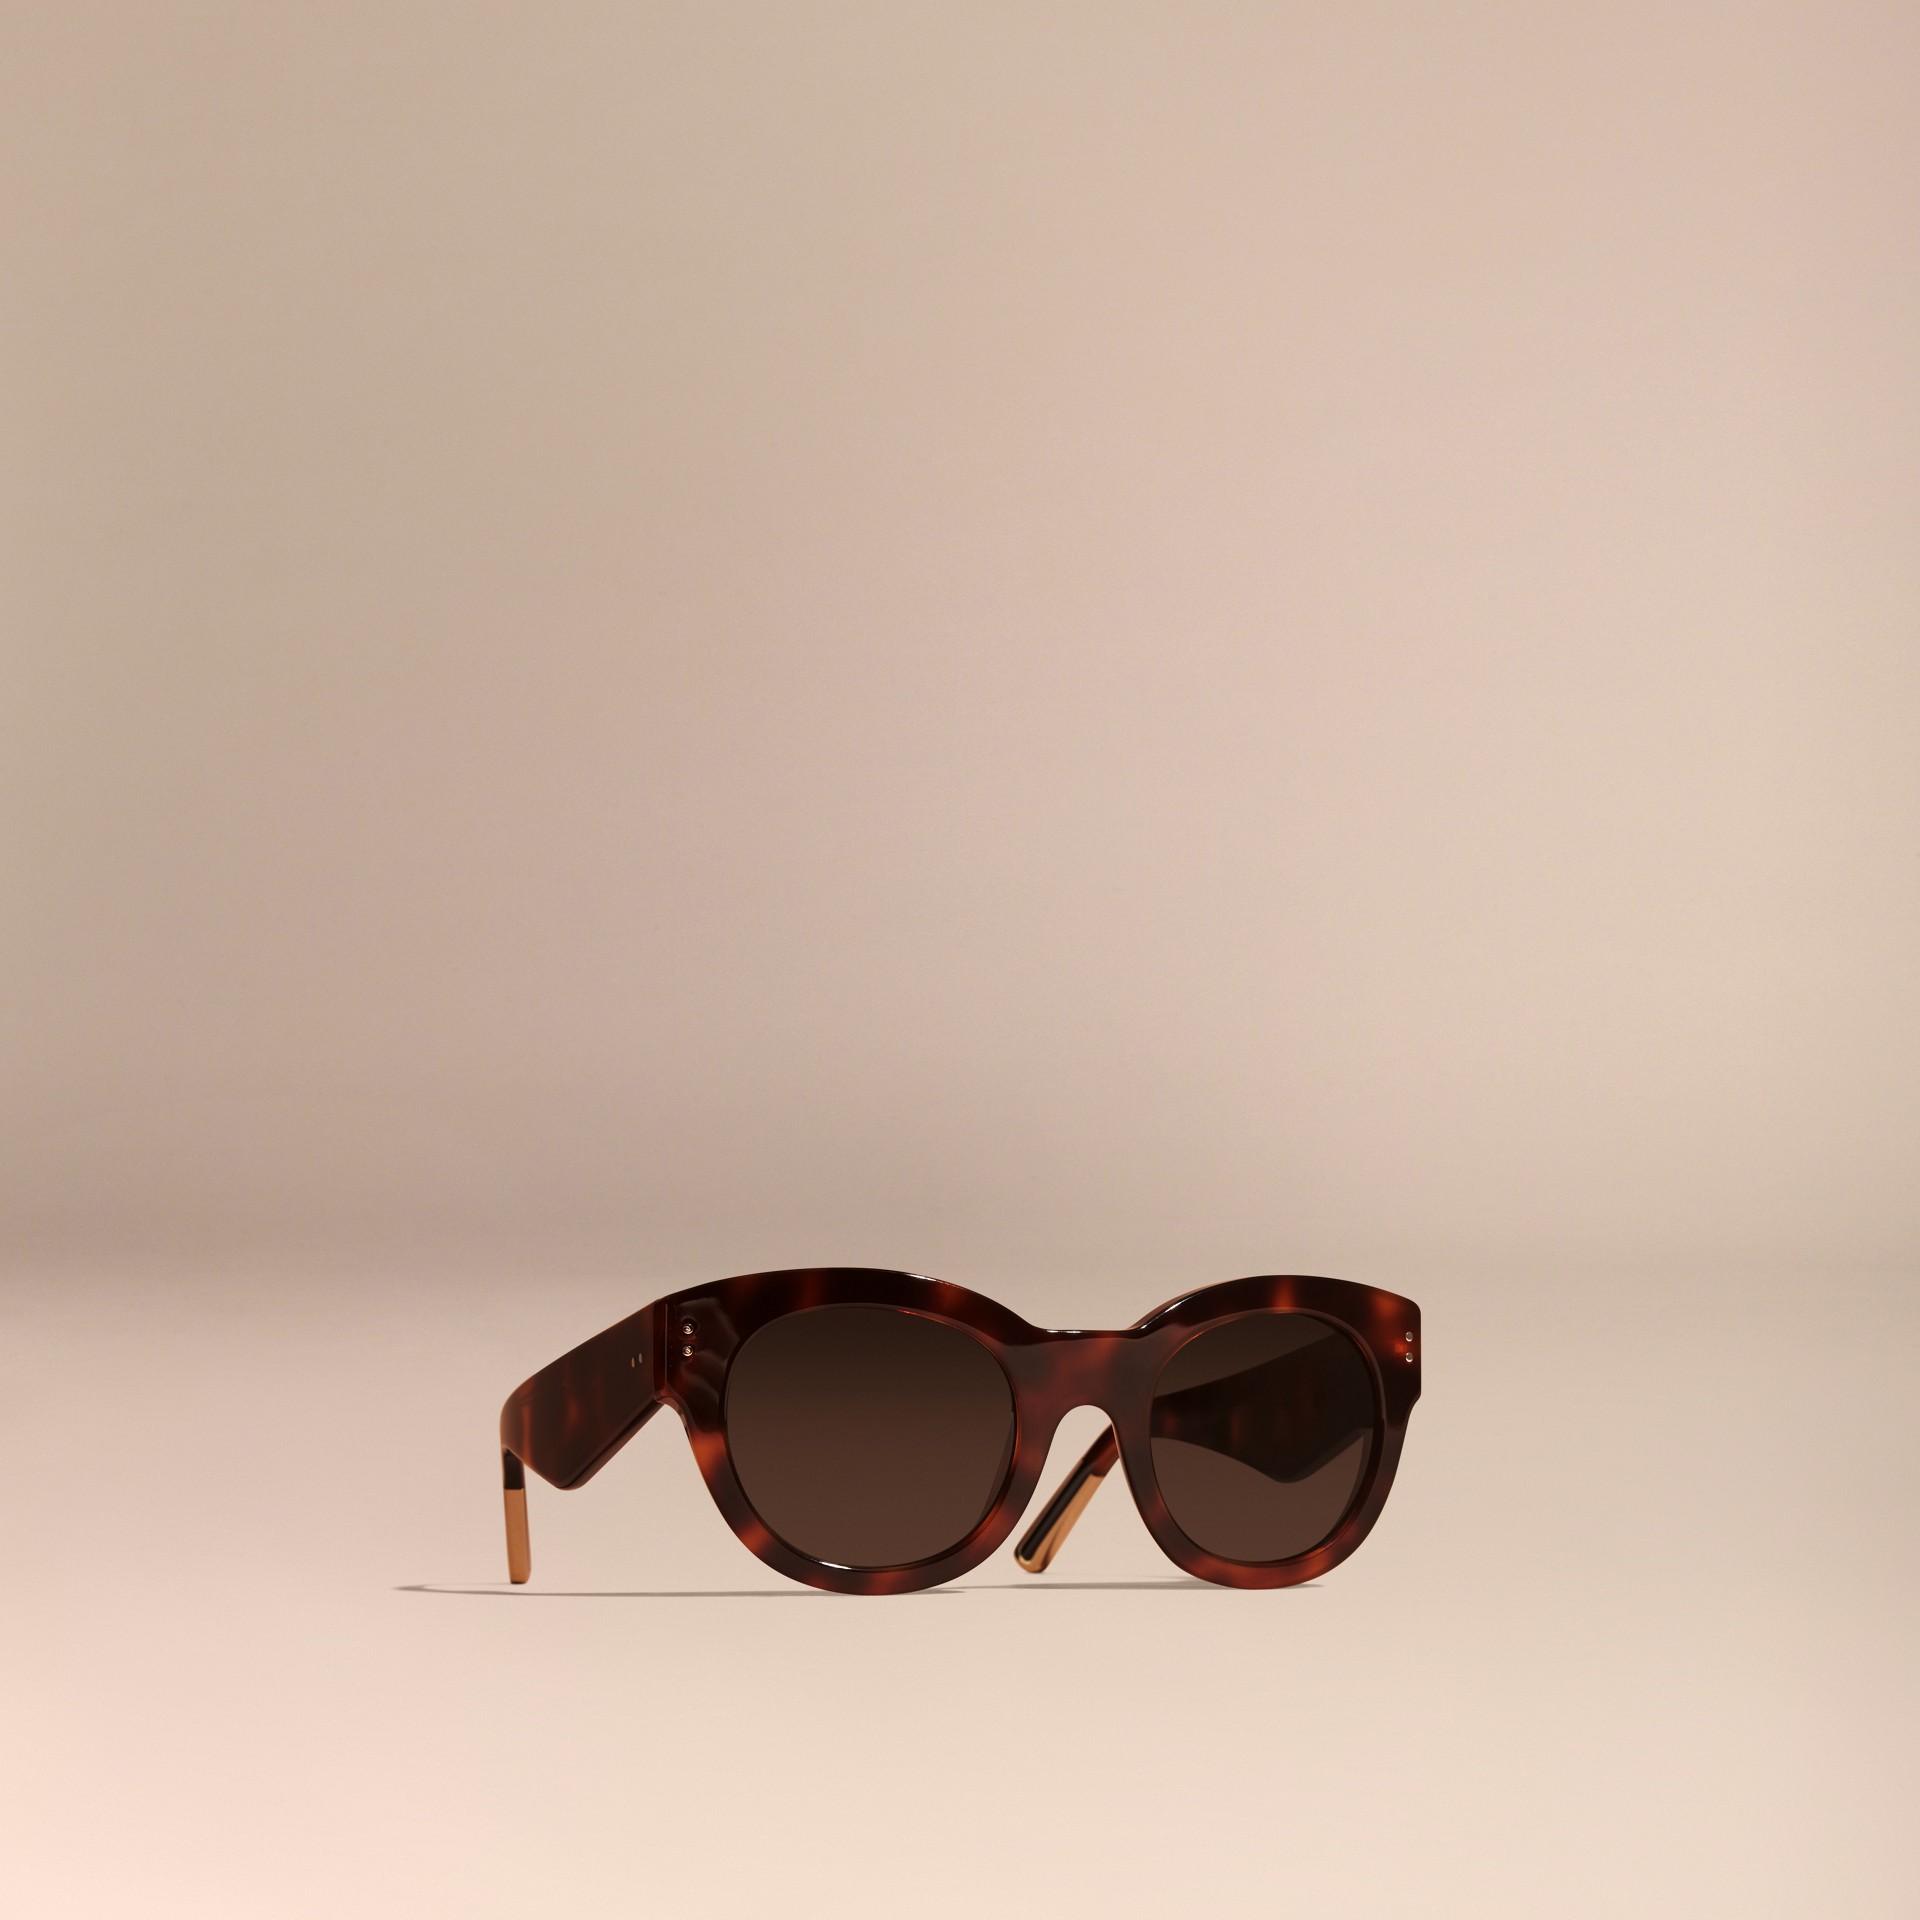 Tortoise shell Cat-Eye Sunglasses Tortoise Shell - gallery image 1